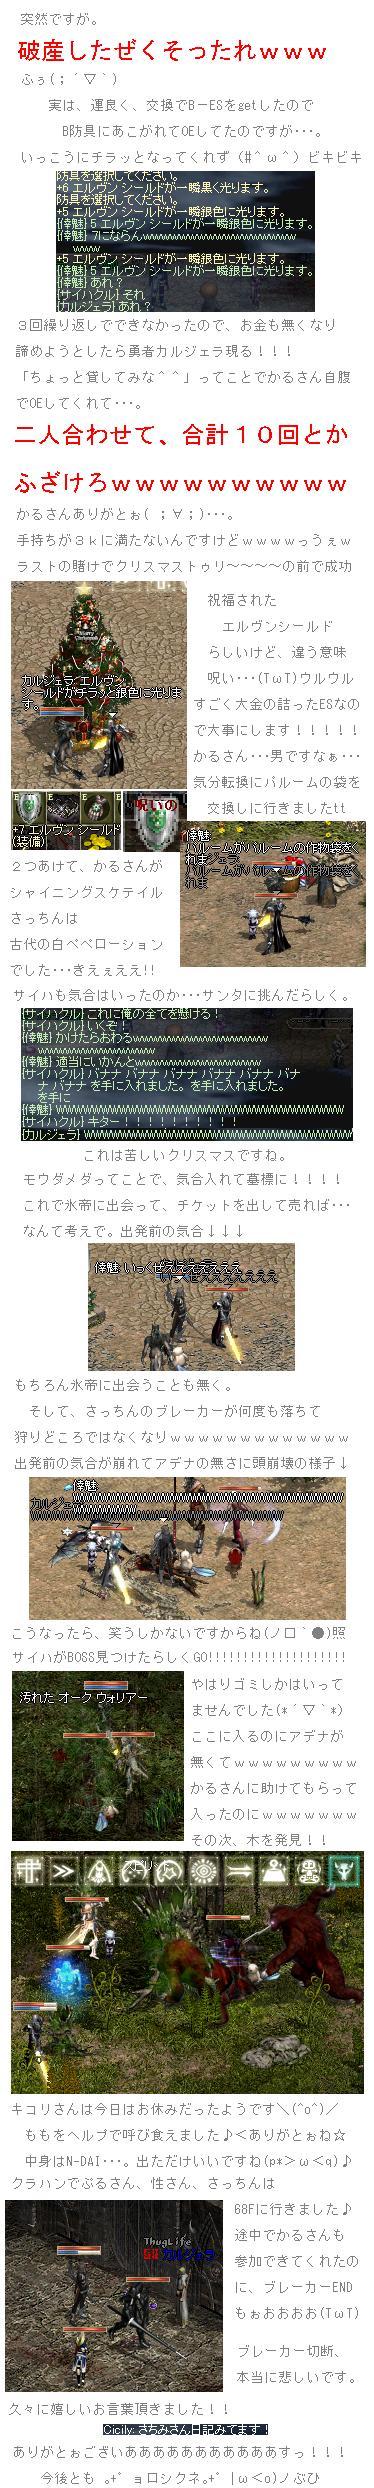 b0119937_10202853.jpg